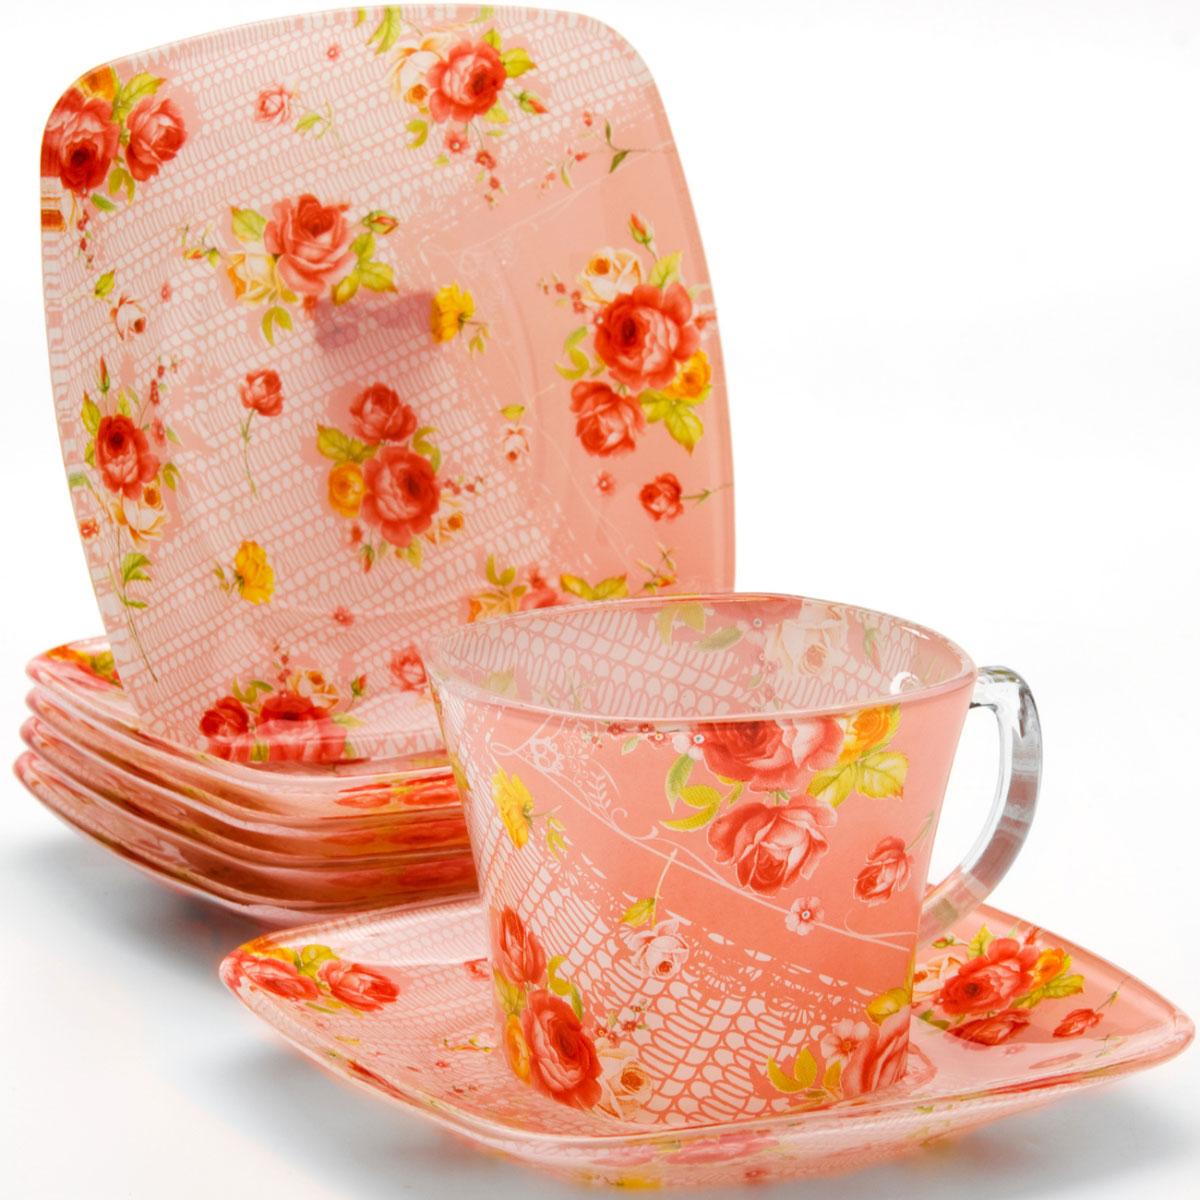 Набор чайный Loraine, 12 предметов. 24128115610Чайный набор, выполненный из высококачественного прочного стекла, состоит из шести чашек и шести блюдец. Изделия декорированы изящным изображением цветов. Элегантный дизайн и совершенные формы предметов набора привлекут к себе внимание и украсят интерьер вашей кухни. Набор идеально подойдет для сервировки стола и станет отличным подарком к любому празднику. Подходит как для горячих, так и для холодных напитков. Объем чашки: 200 мл.